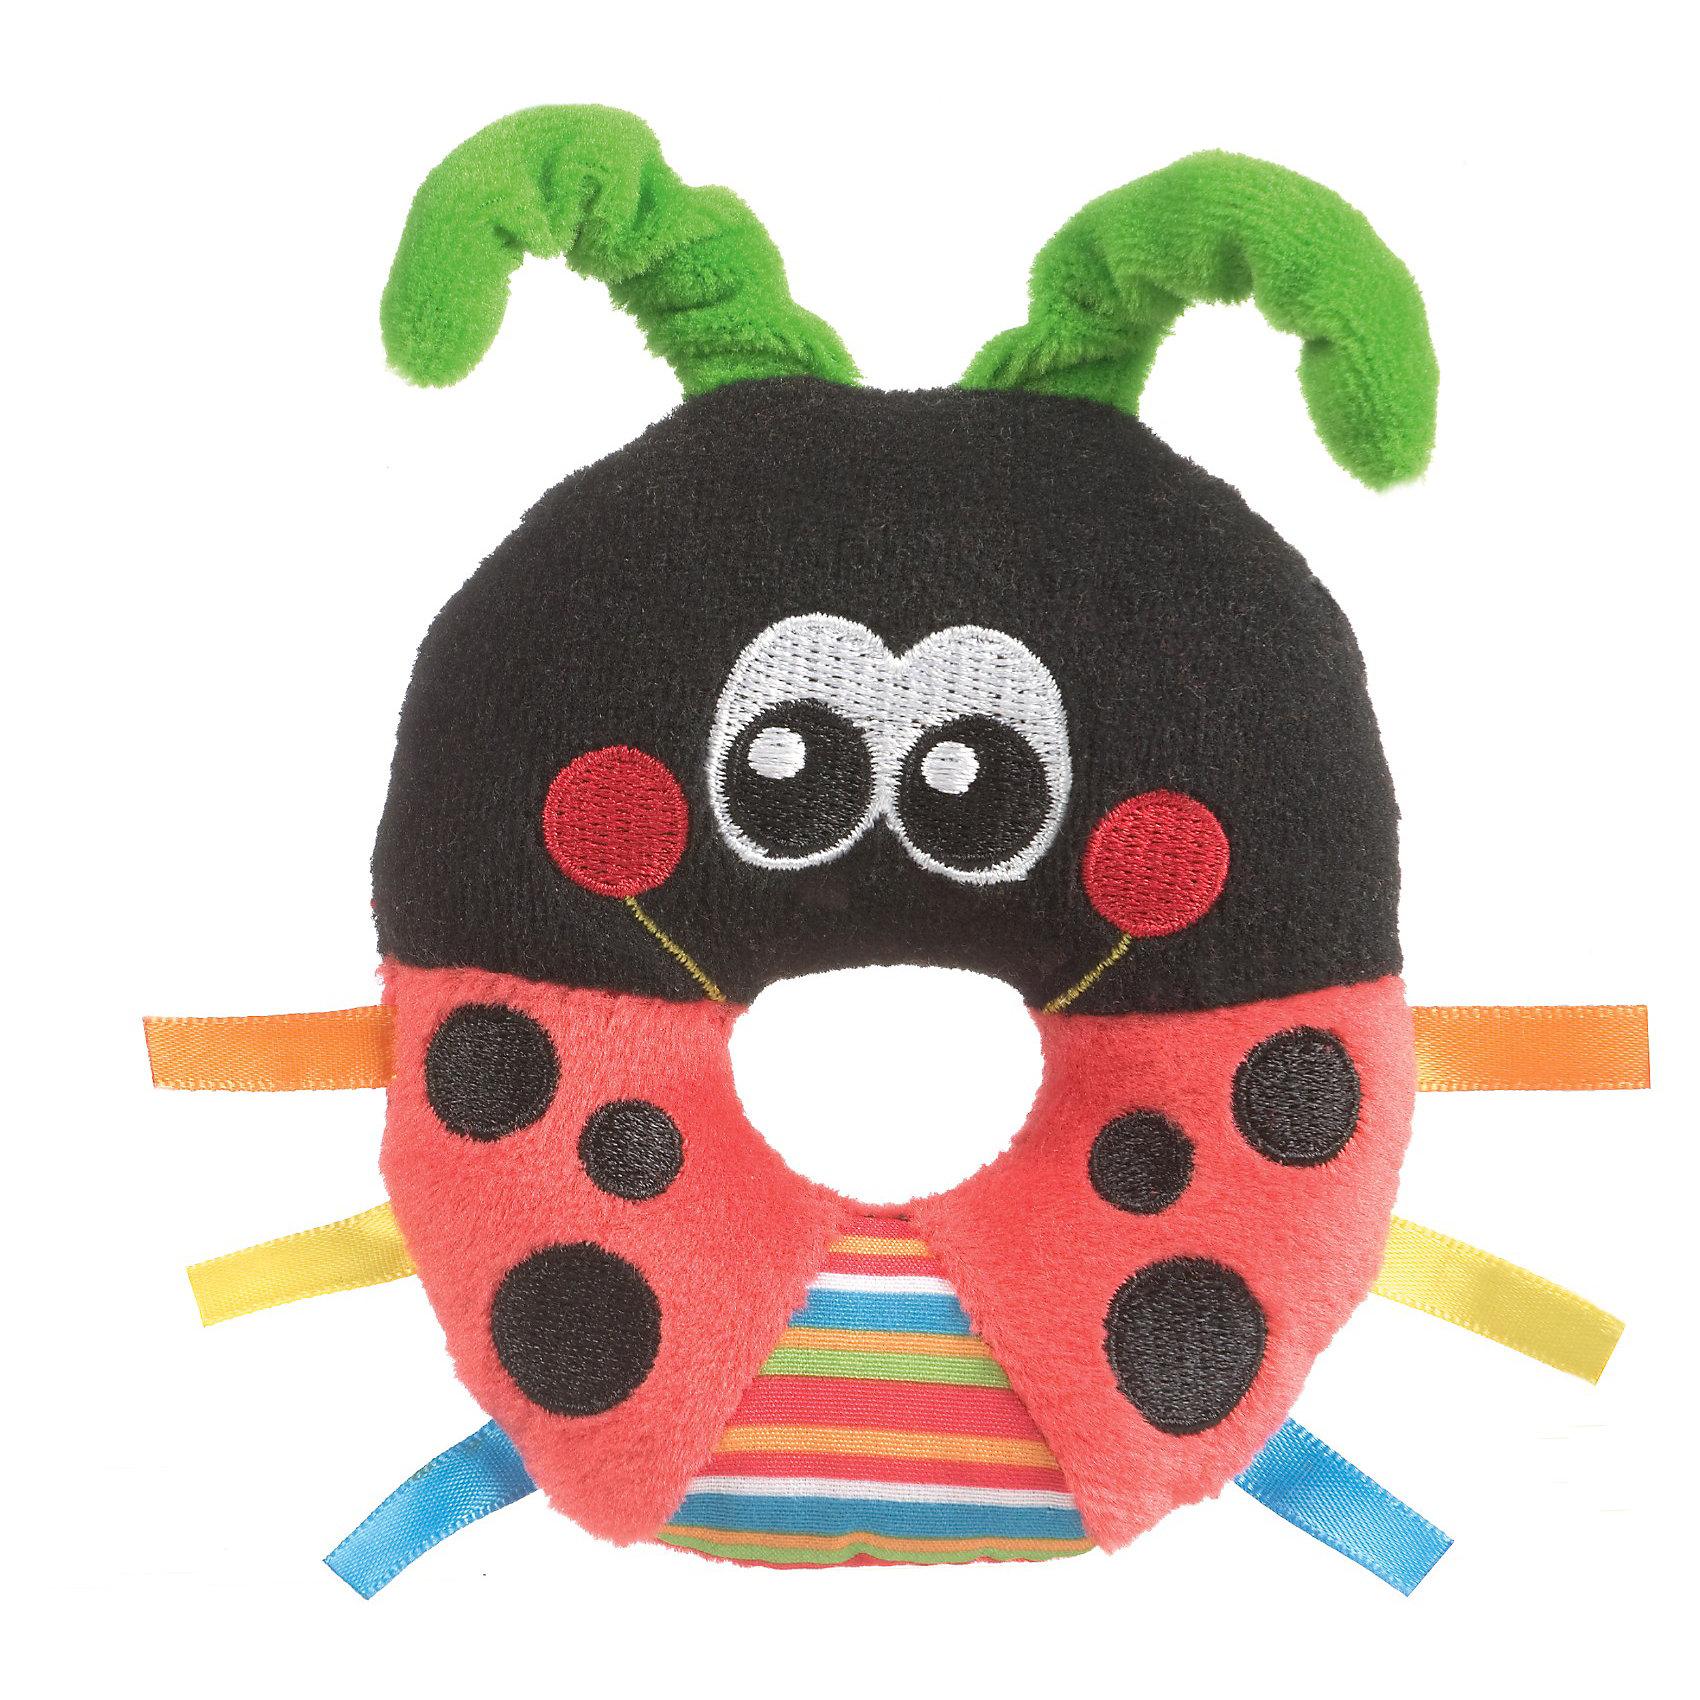 Playgro Игрушка-погремушка Божья коровка Playgro погремушки playgro игрушка погремушка забавные шарики